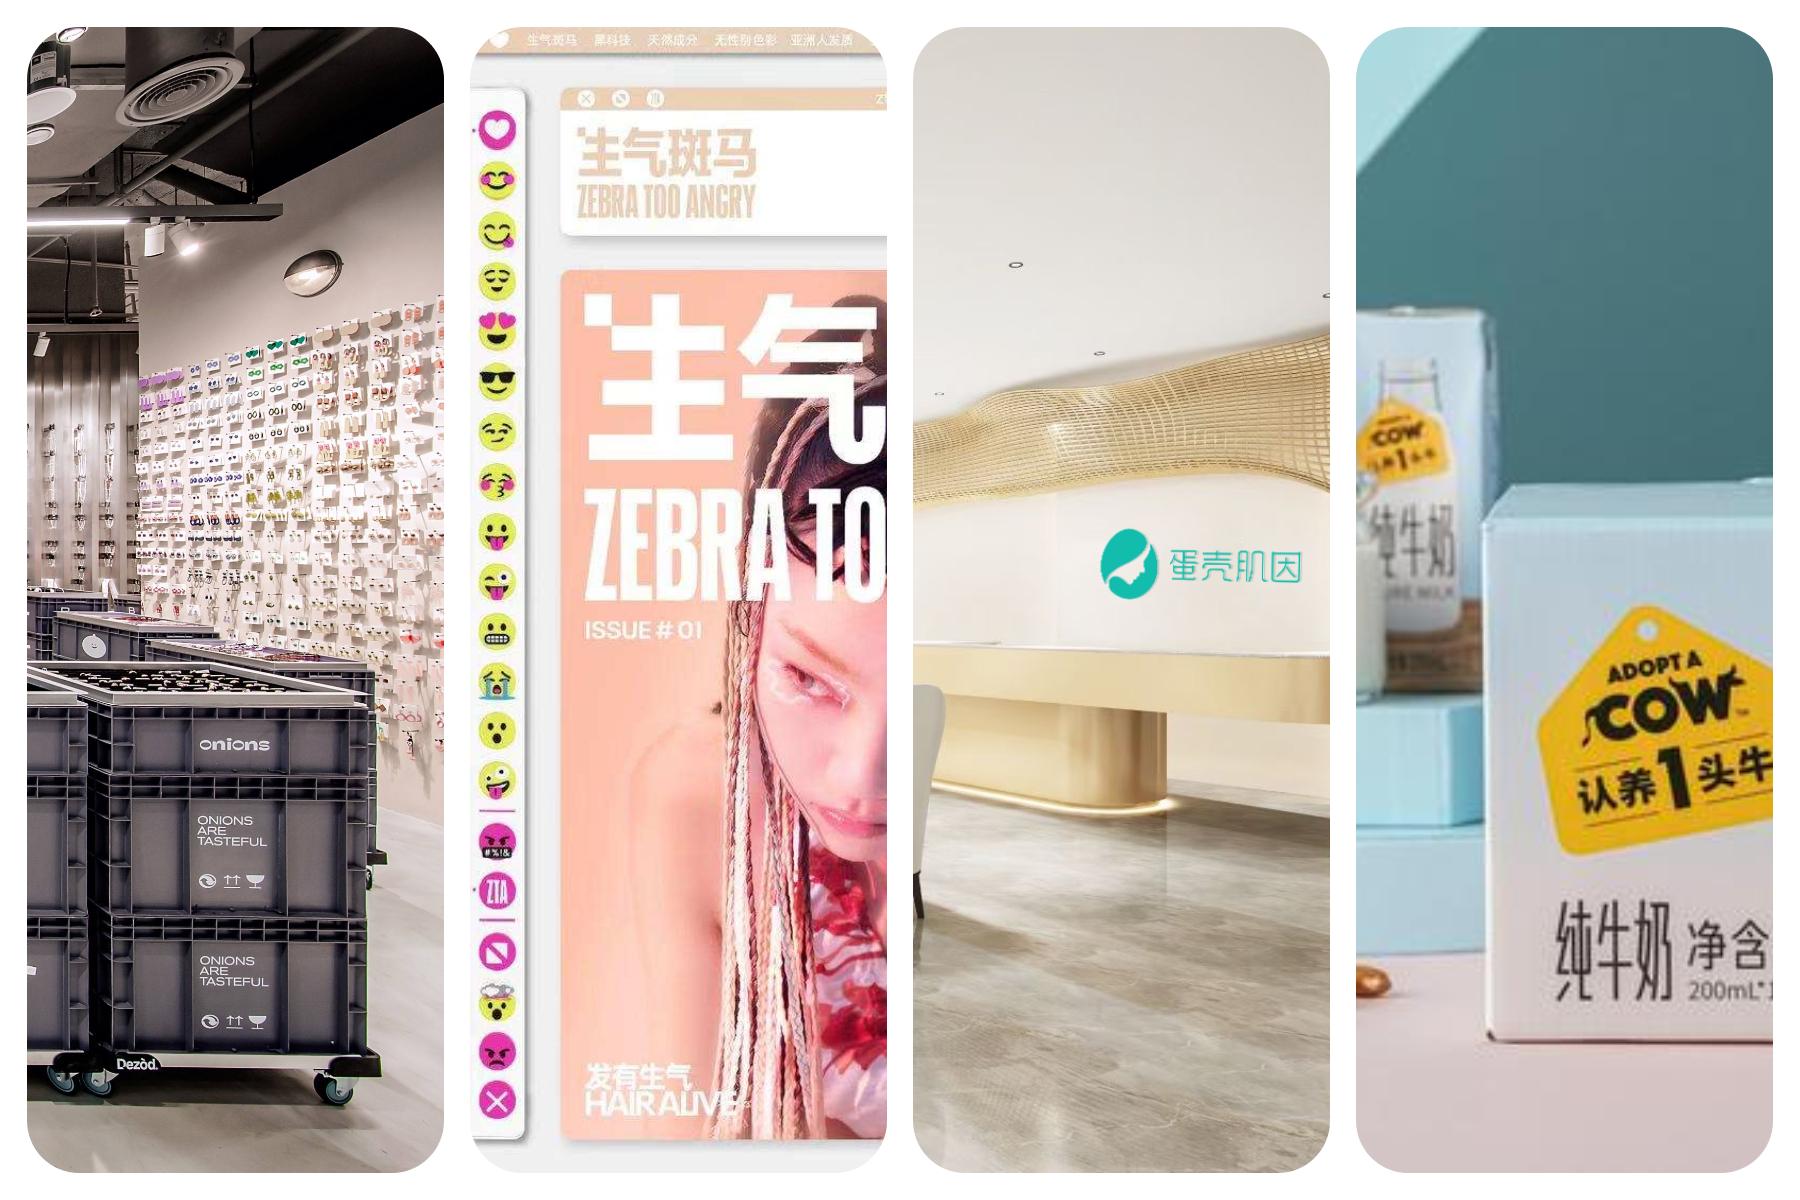 【华丽中国投资周报】2021年第15期:4家中国时尚消费企业完成新一轮融资